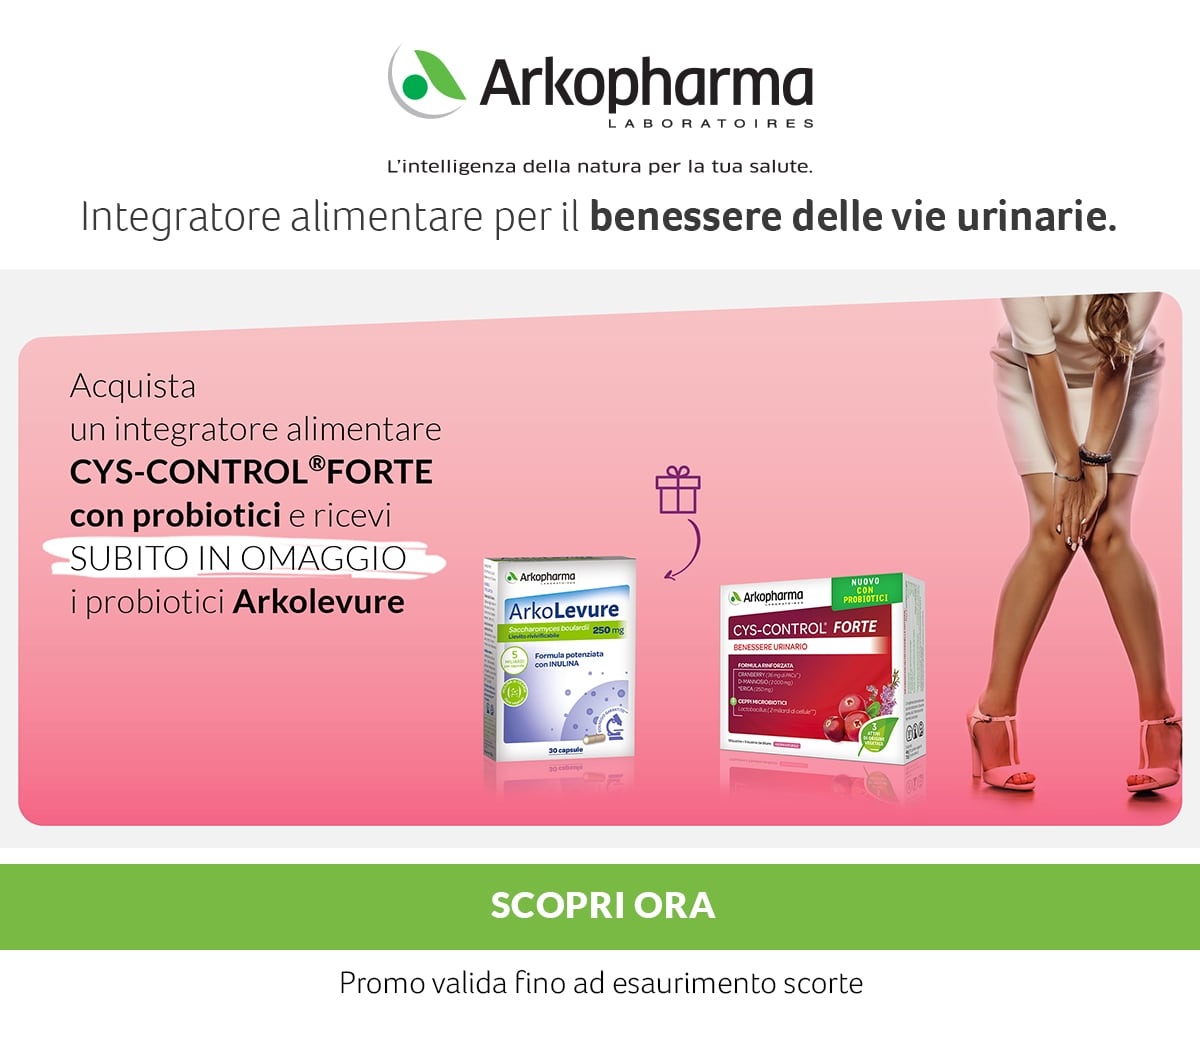 Arkopharma. Integratore alimentare per il benessere delle vie urinarie